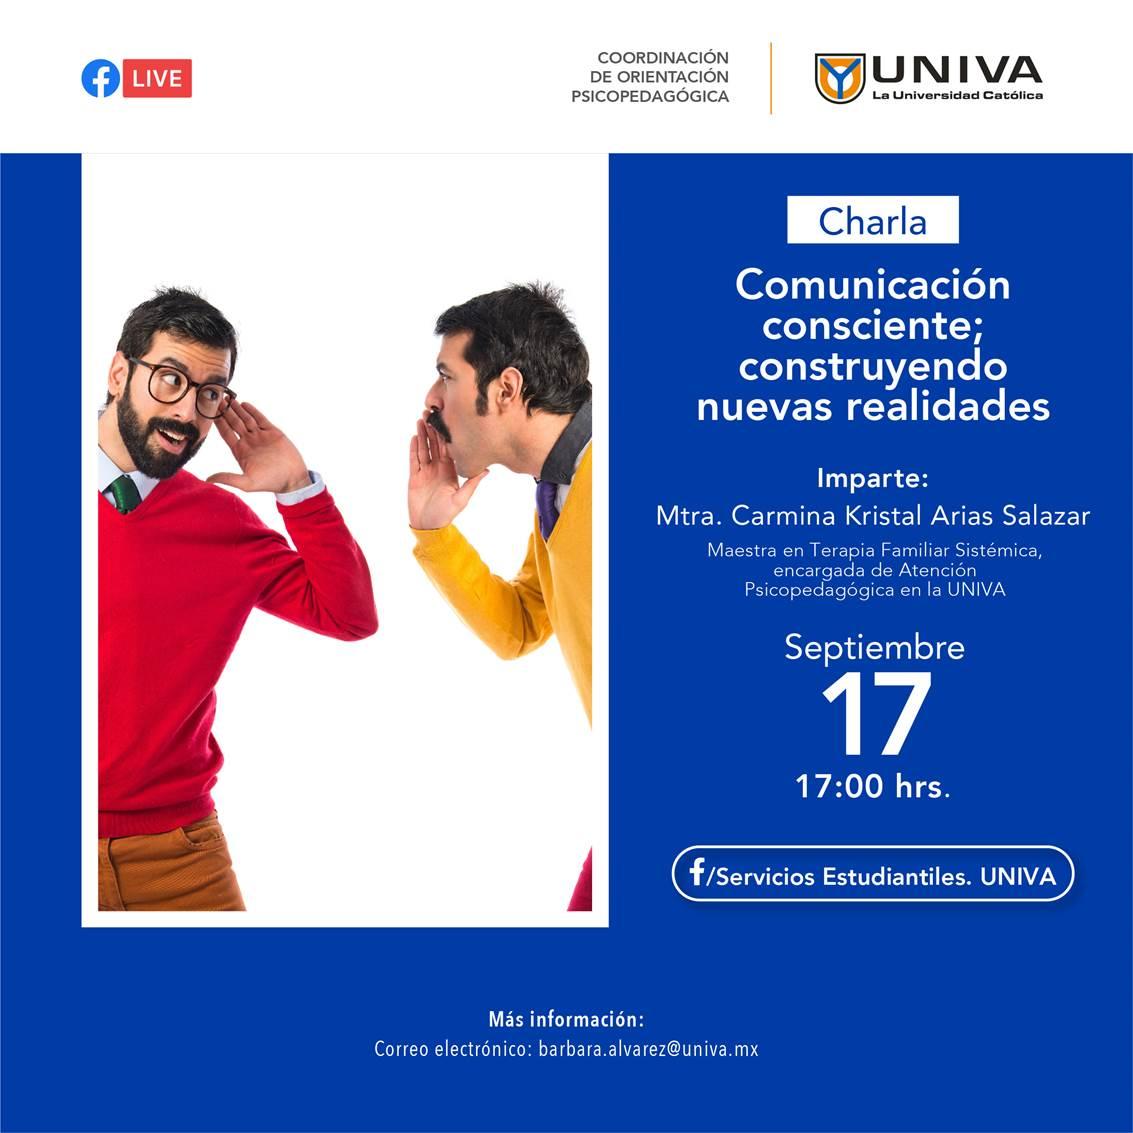 Charla: Comunicación consciente; construyendo nuevas realidades